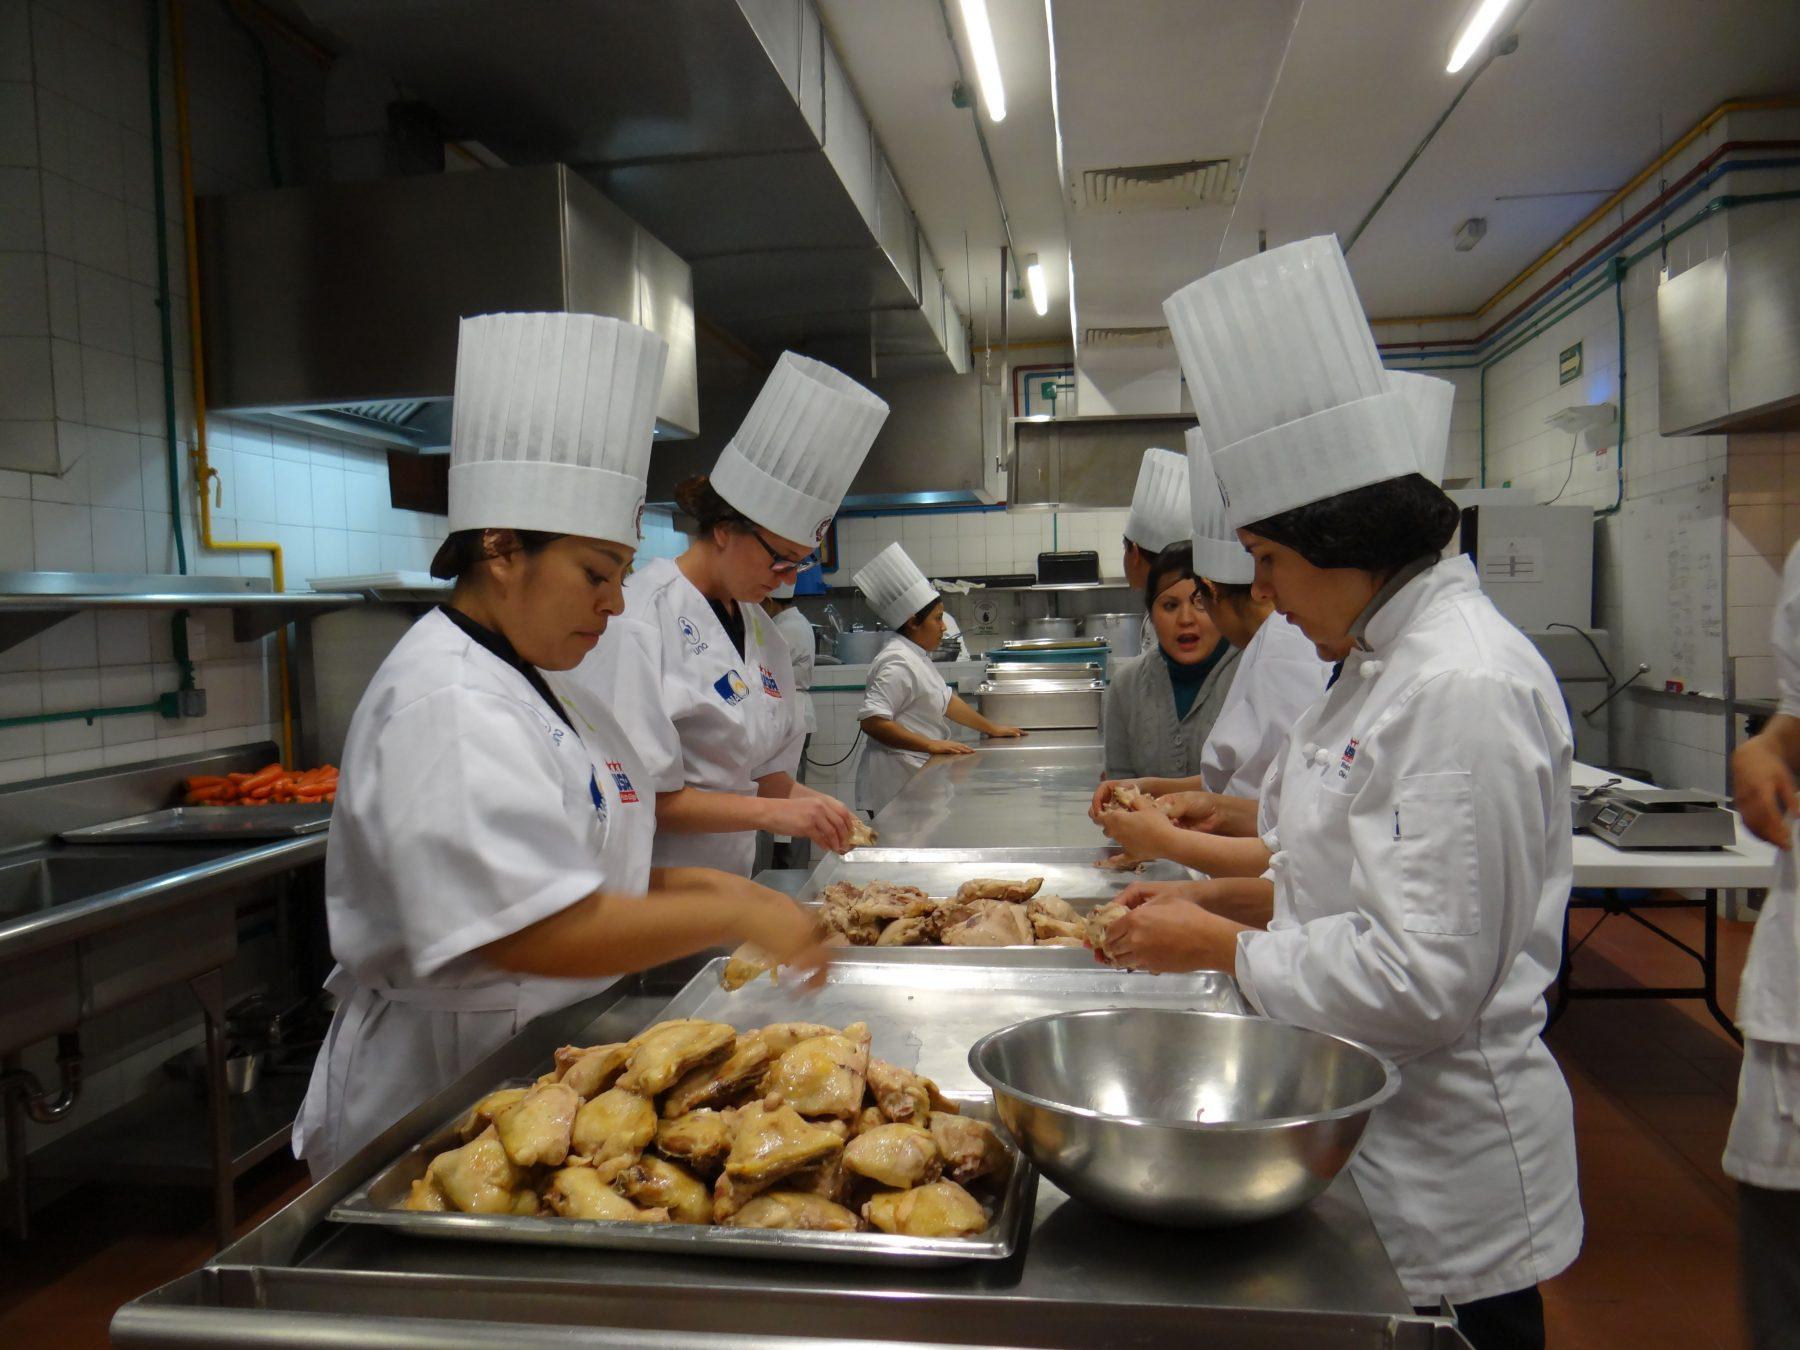 La Tablée des Chefs convierte la gastronomía en un movimiento social